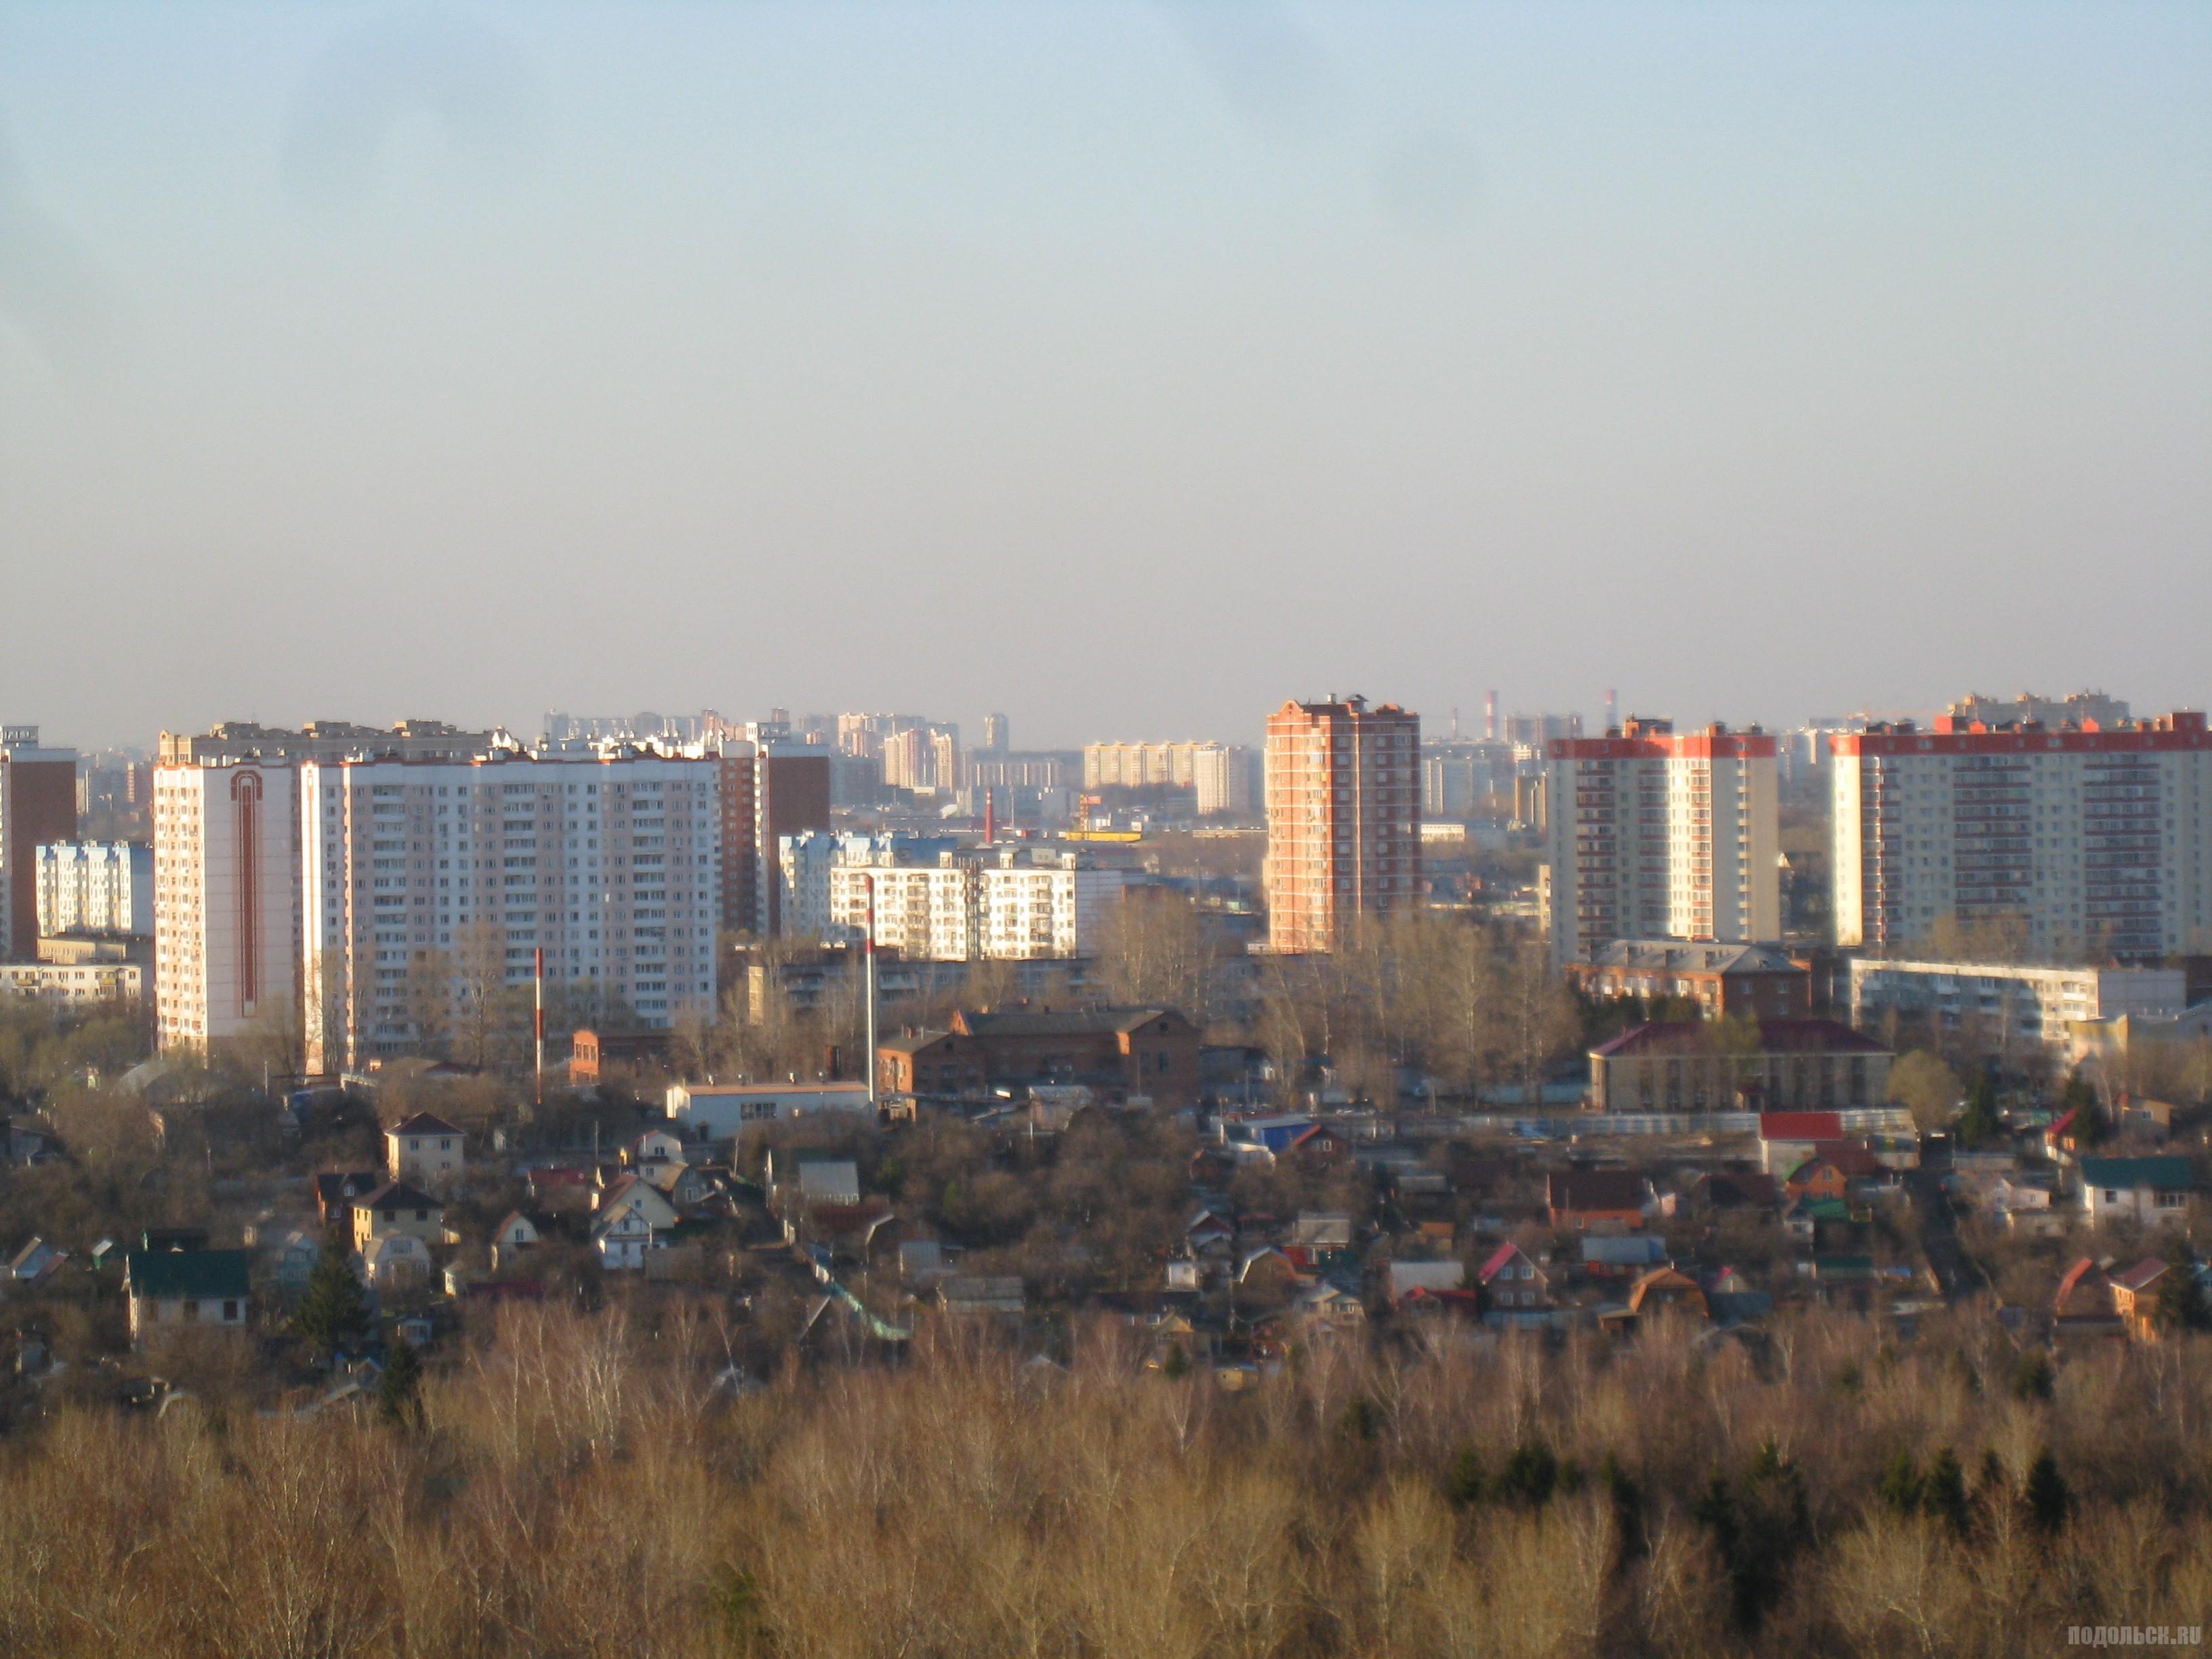 Вид на Силикатную-2 с Красной Горки. Апрель 2016 г.